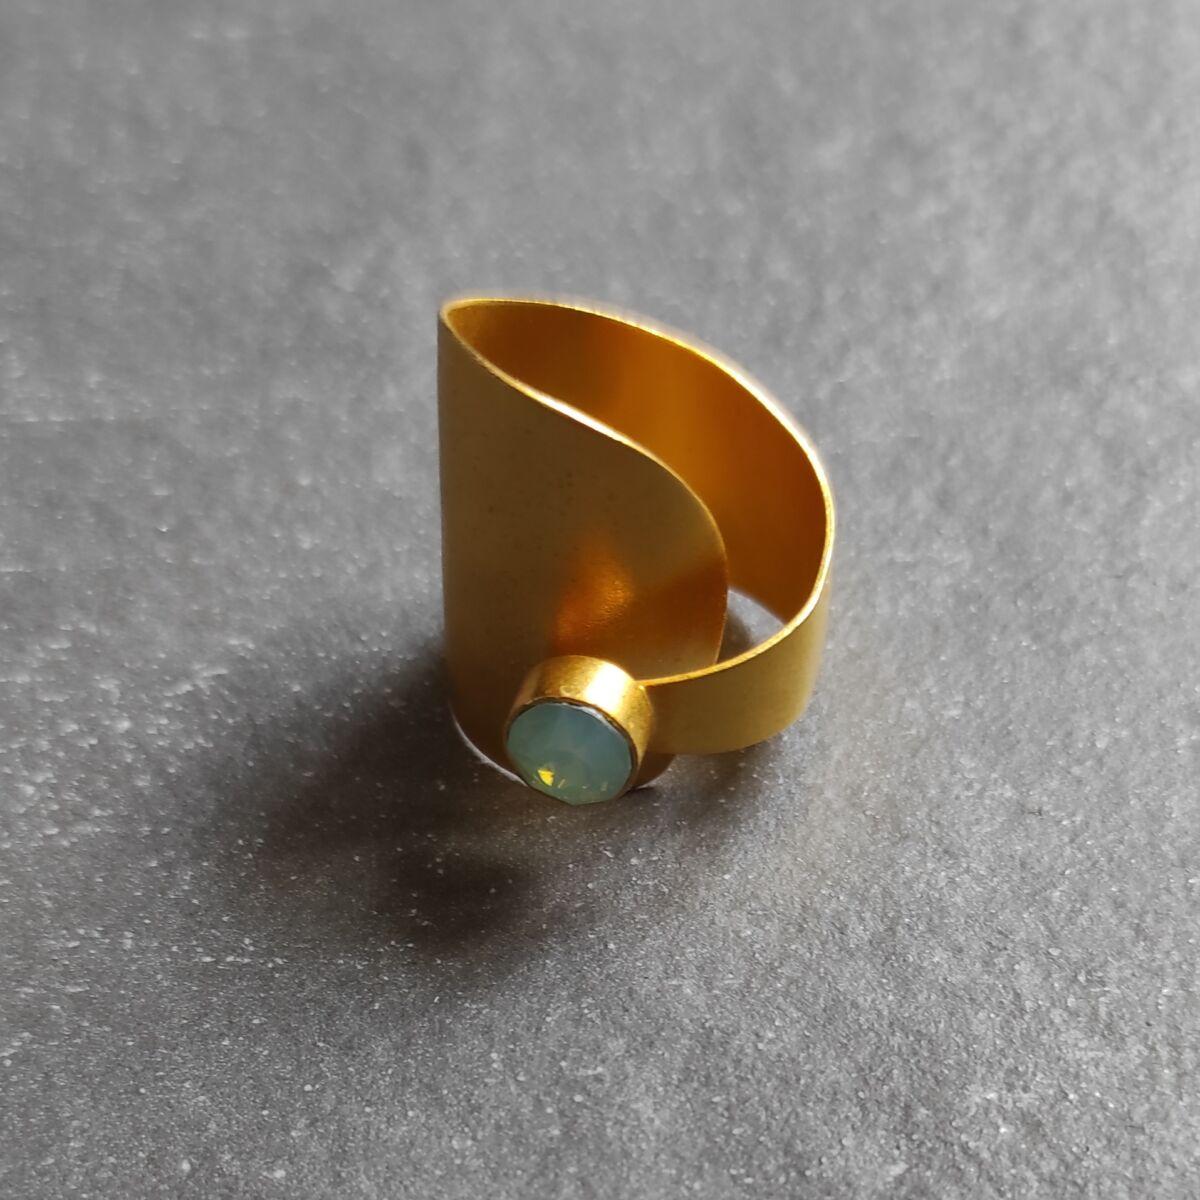 Δαχτυλίδι με πέτρα Αξεσουάρ Ρούχα αξεσουάρ